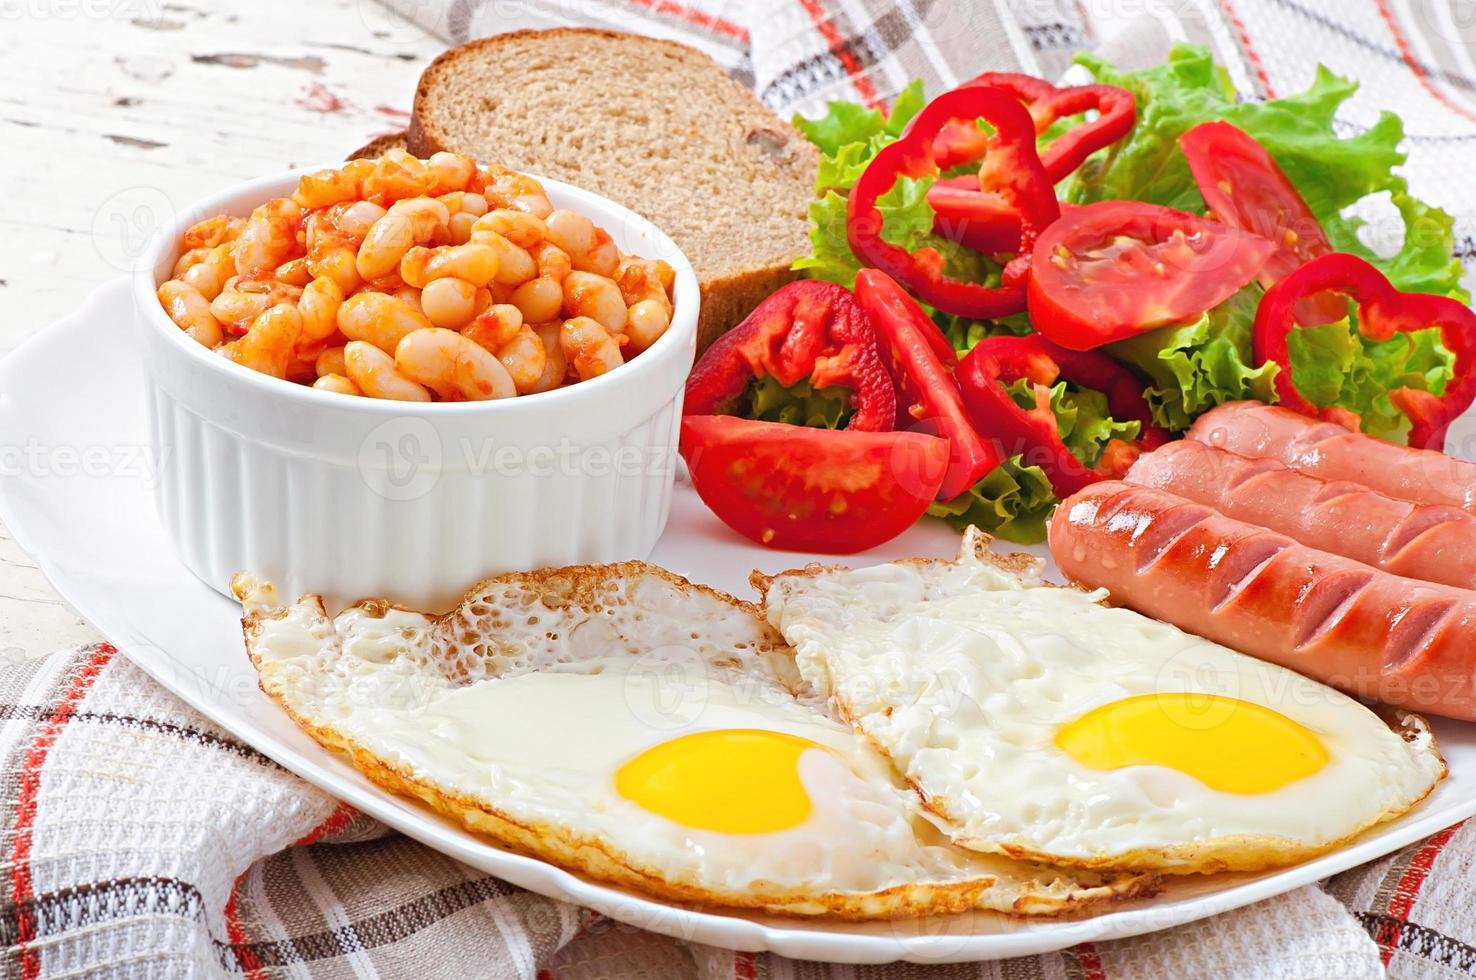 englisches Frühstück - Würstchen, Eier, Bohnen und Salat foto